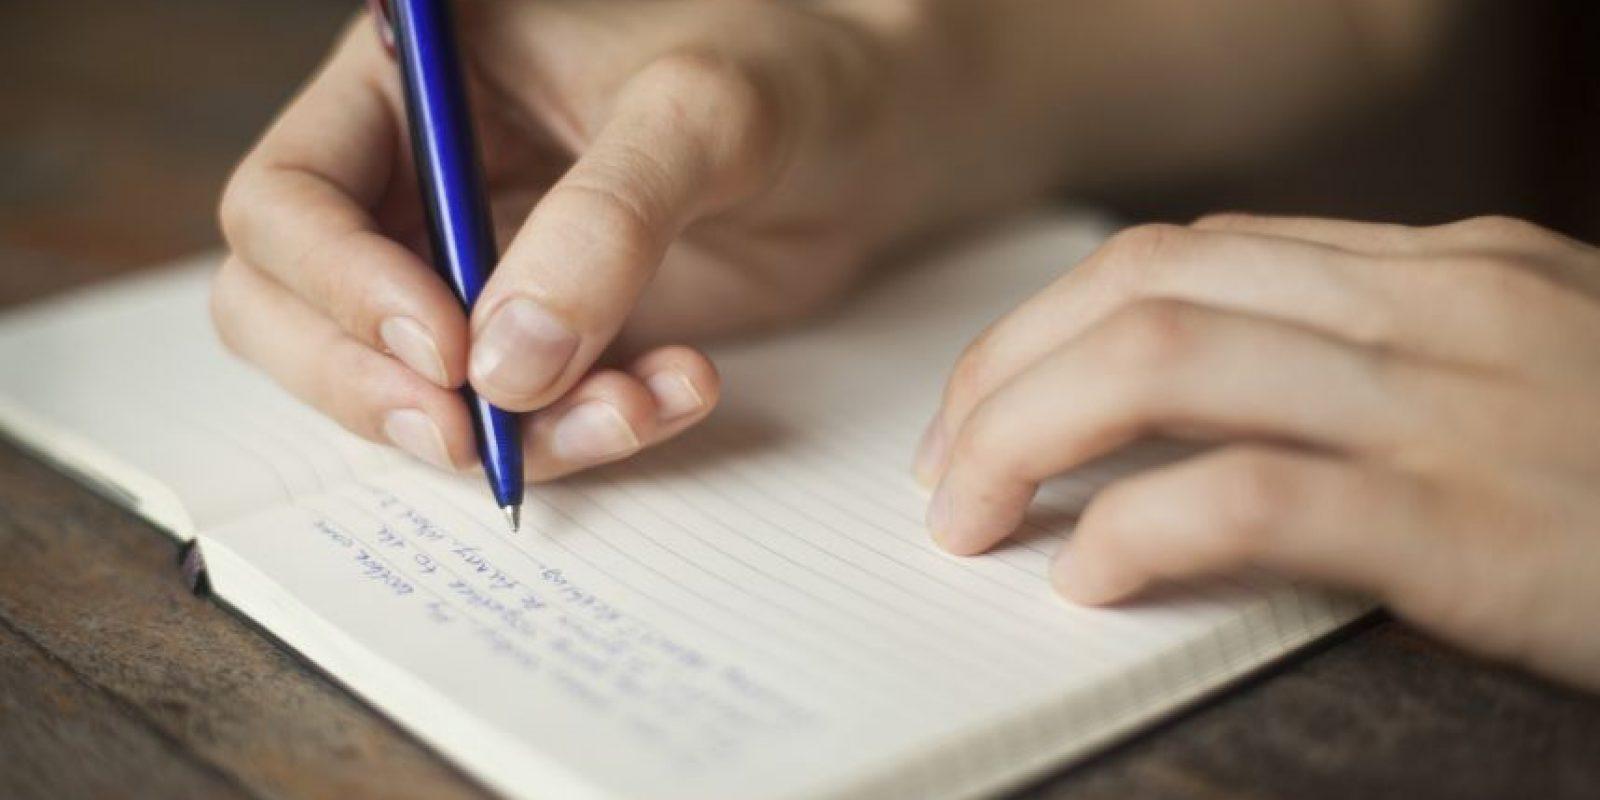 Escribe tu lista de resoluciones para que puedas revisarlas periódicamente.